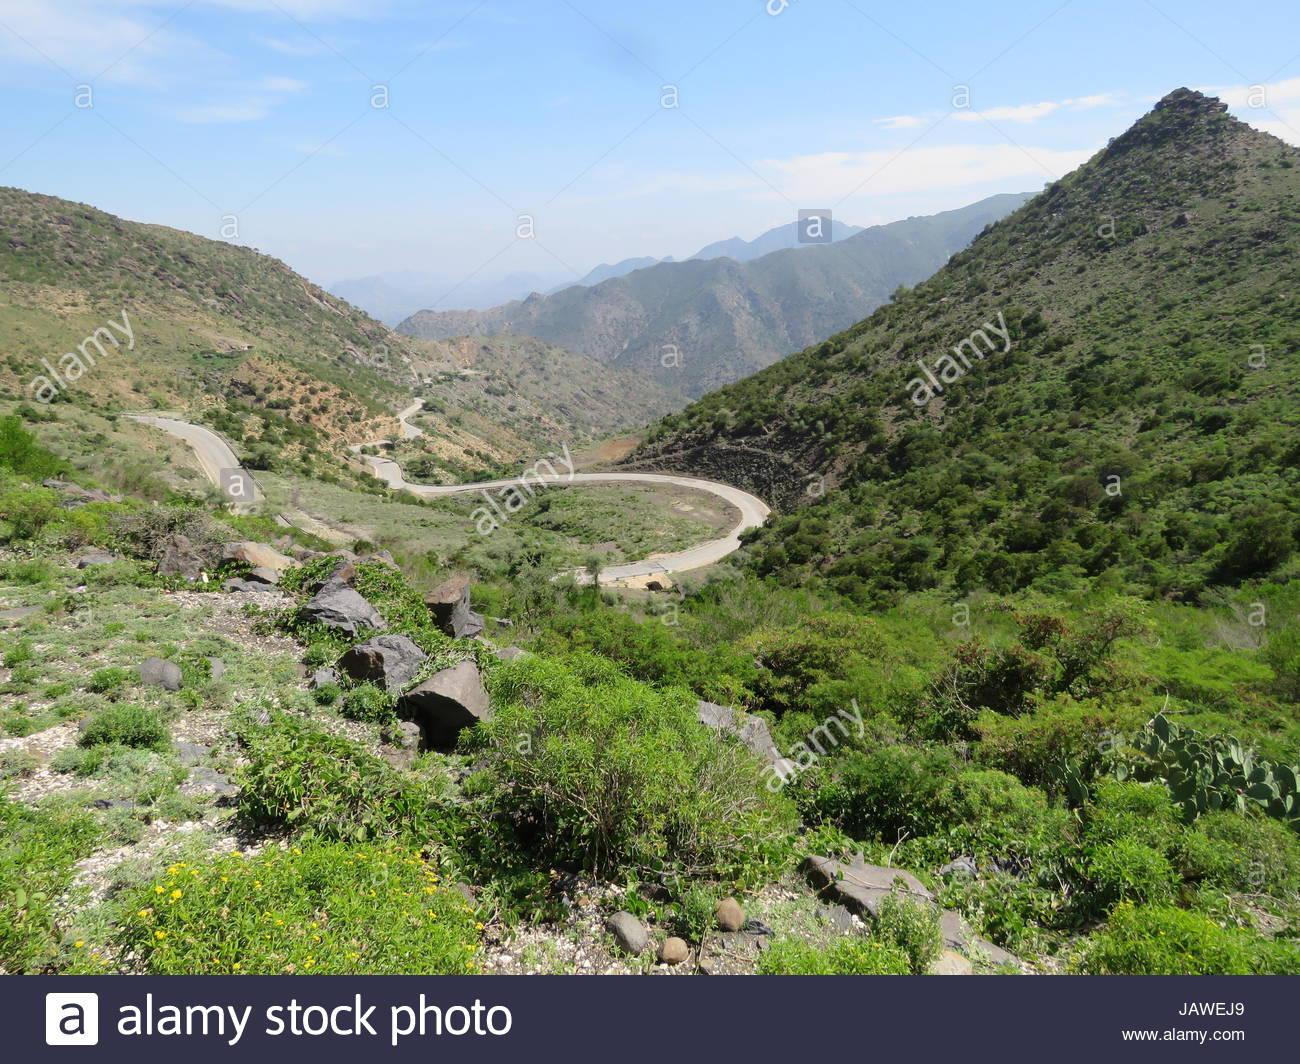 Shiikh winding road to Berbera, Somalia. - Stock Image